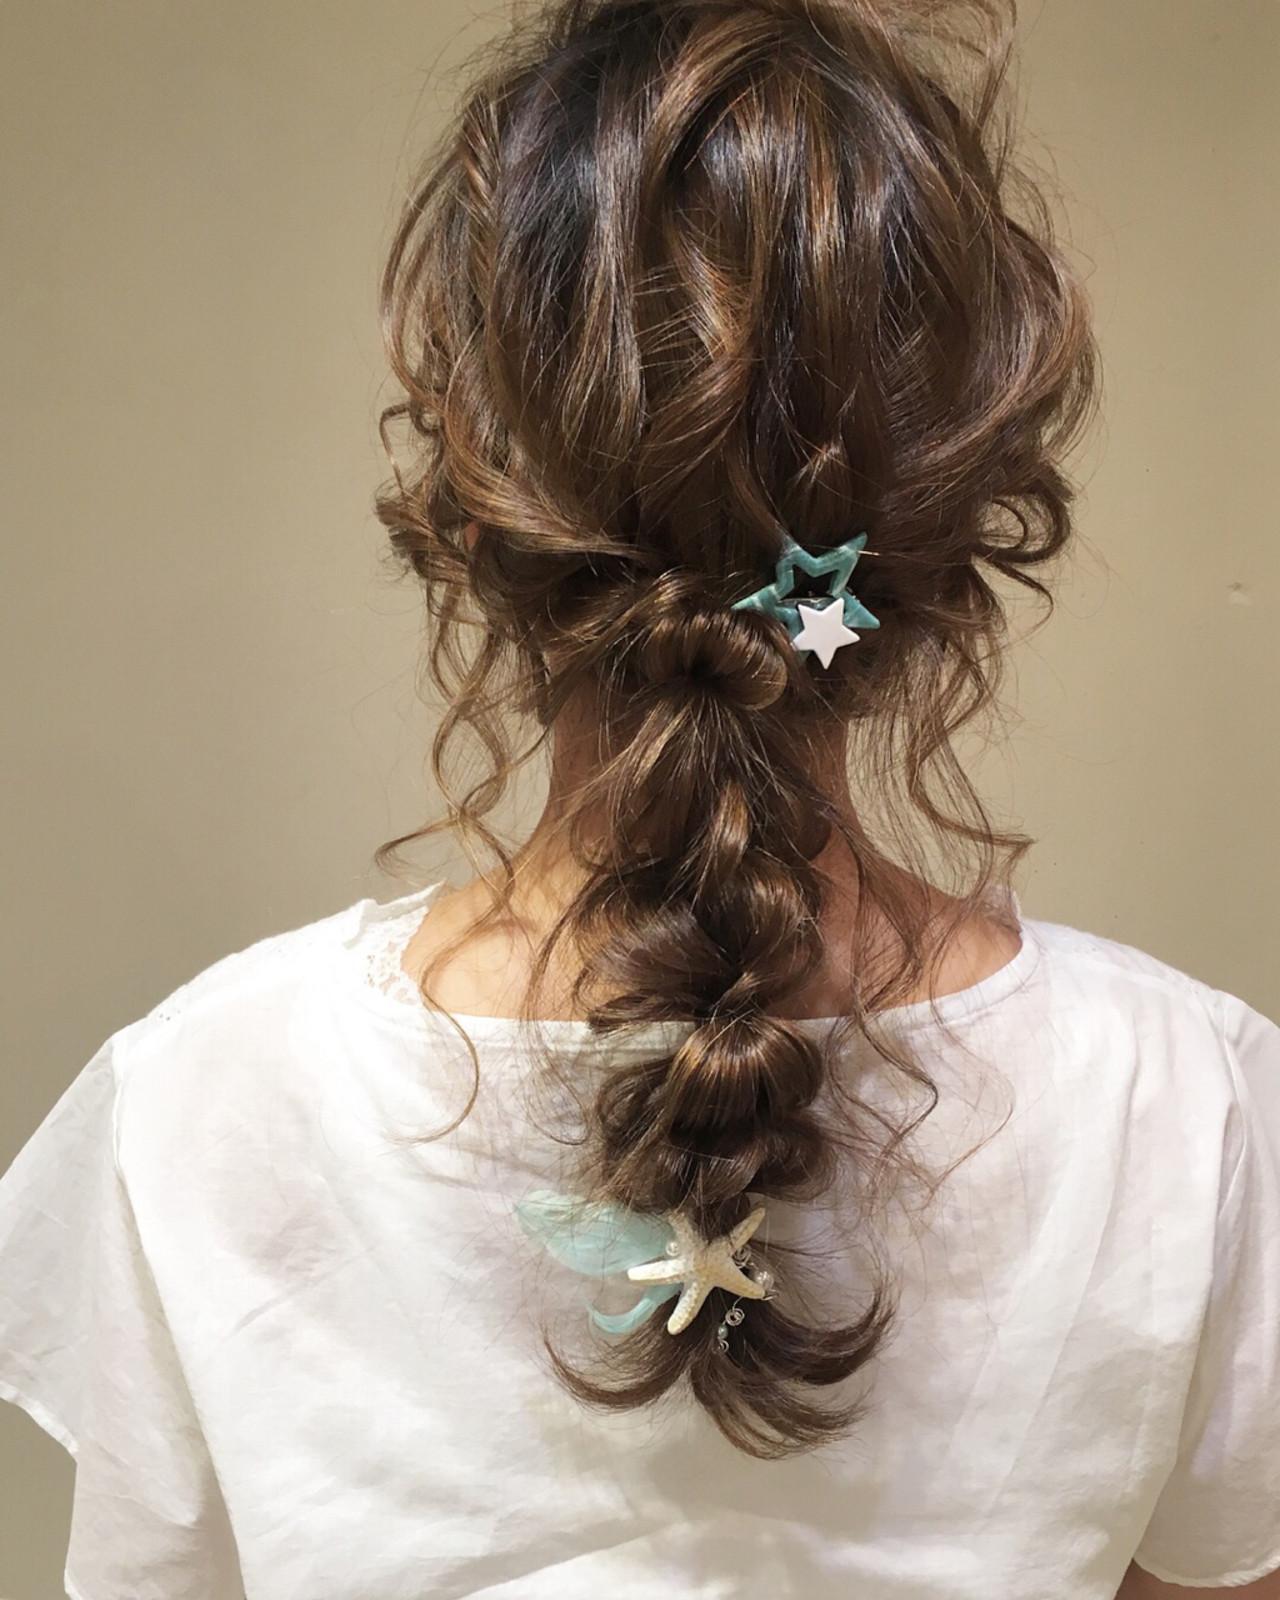 パーティ 結婚式 ロング ナチュラル ヘアスタイルや髪型の写真・画像